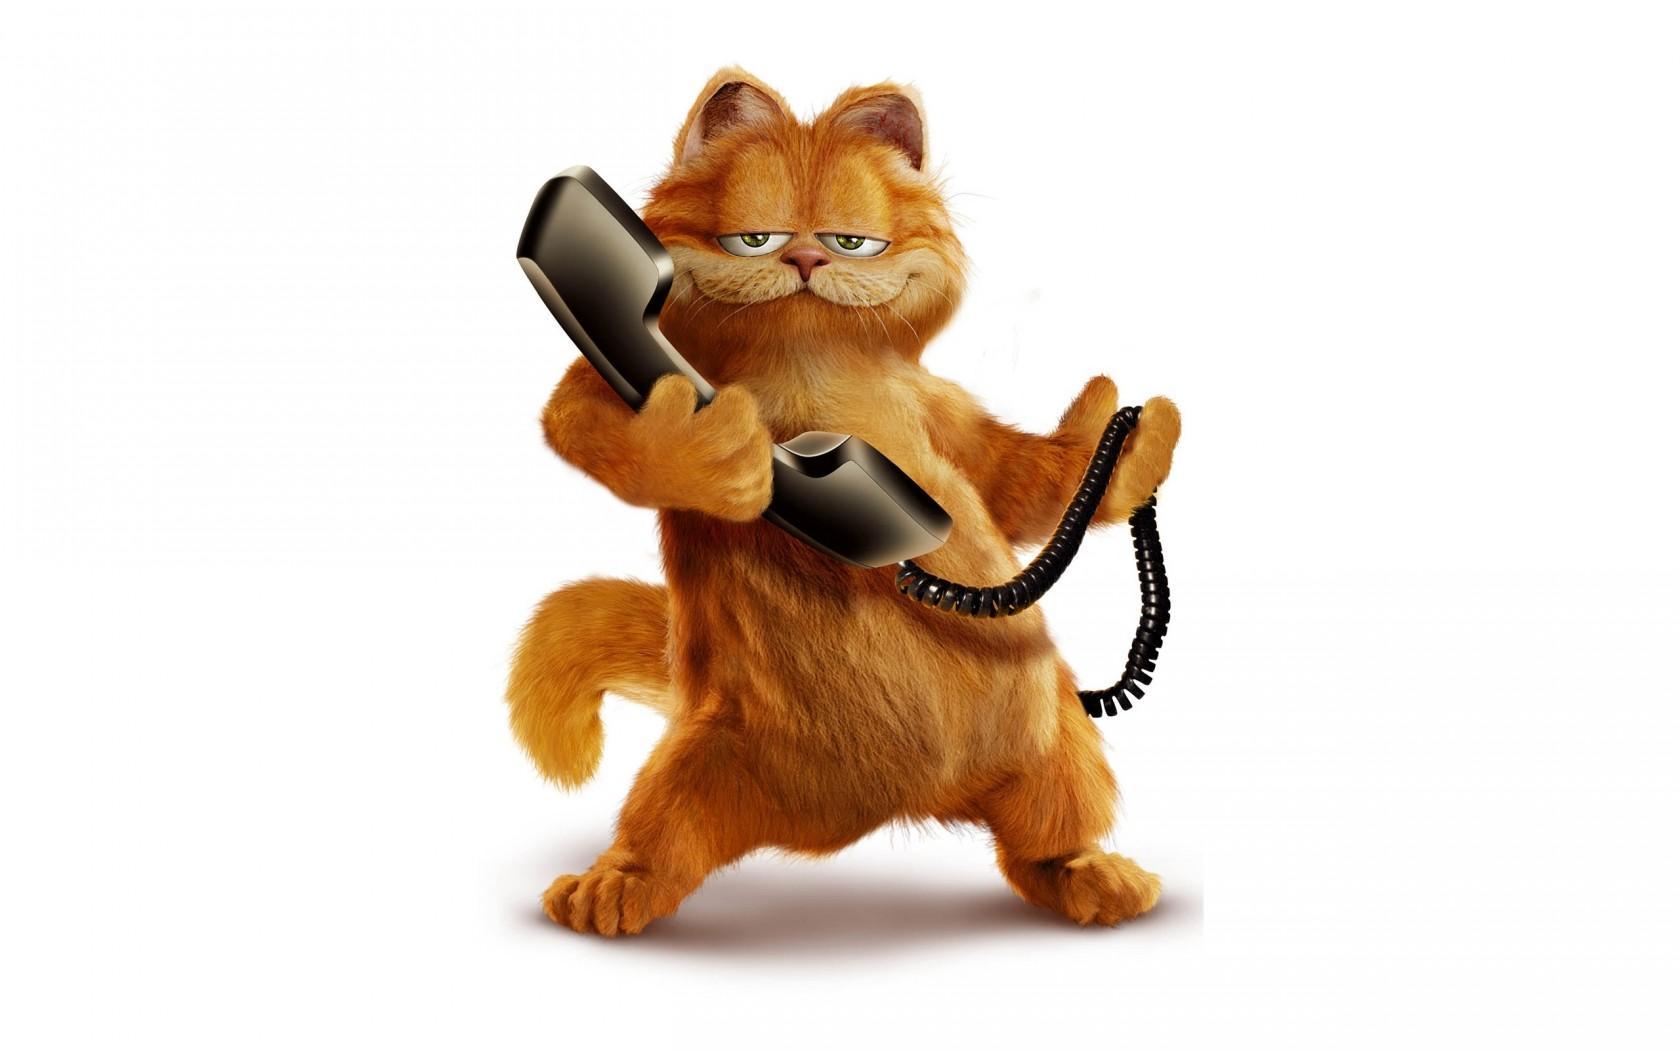 Garfield, Kucing, Kartun - Garfield On The Phone - HD Wallpaper